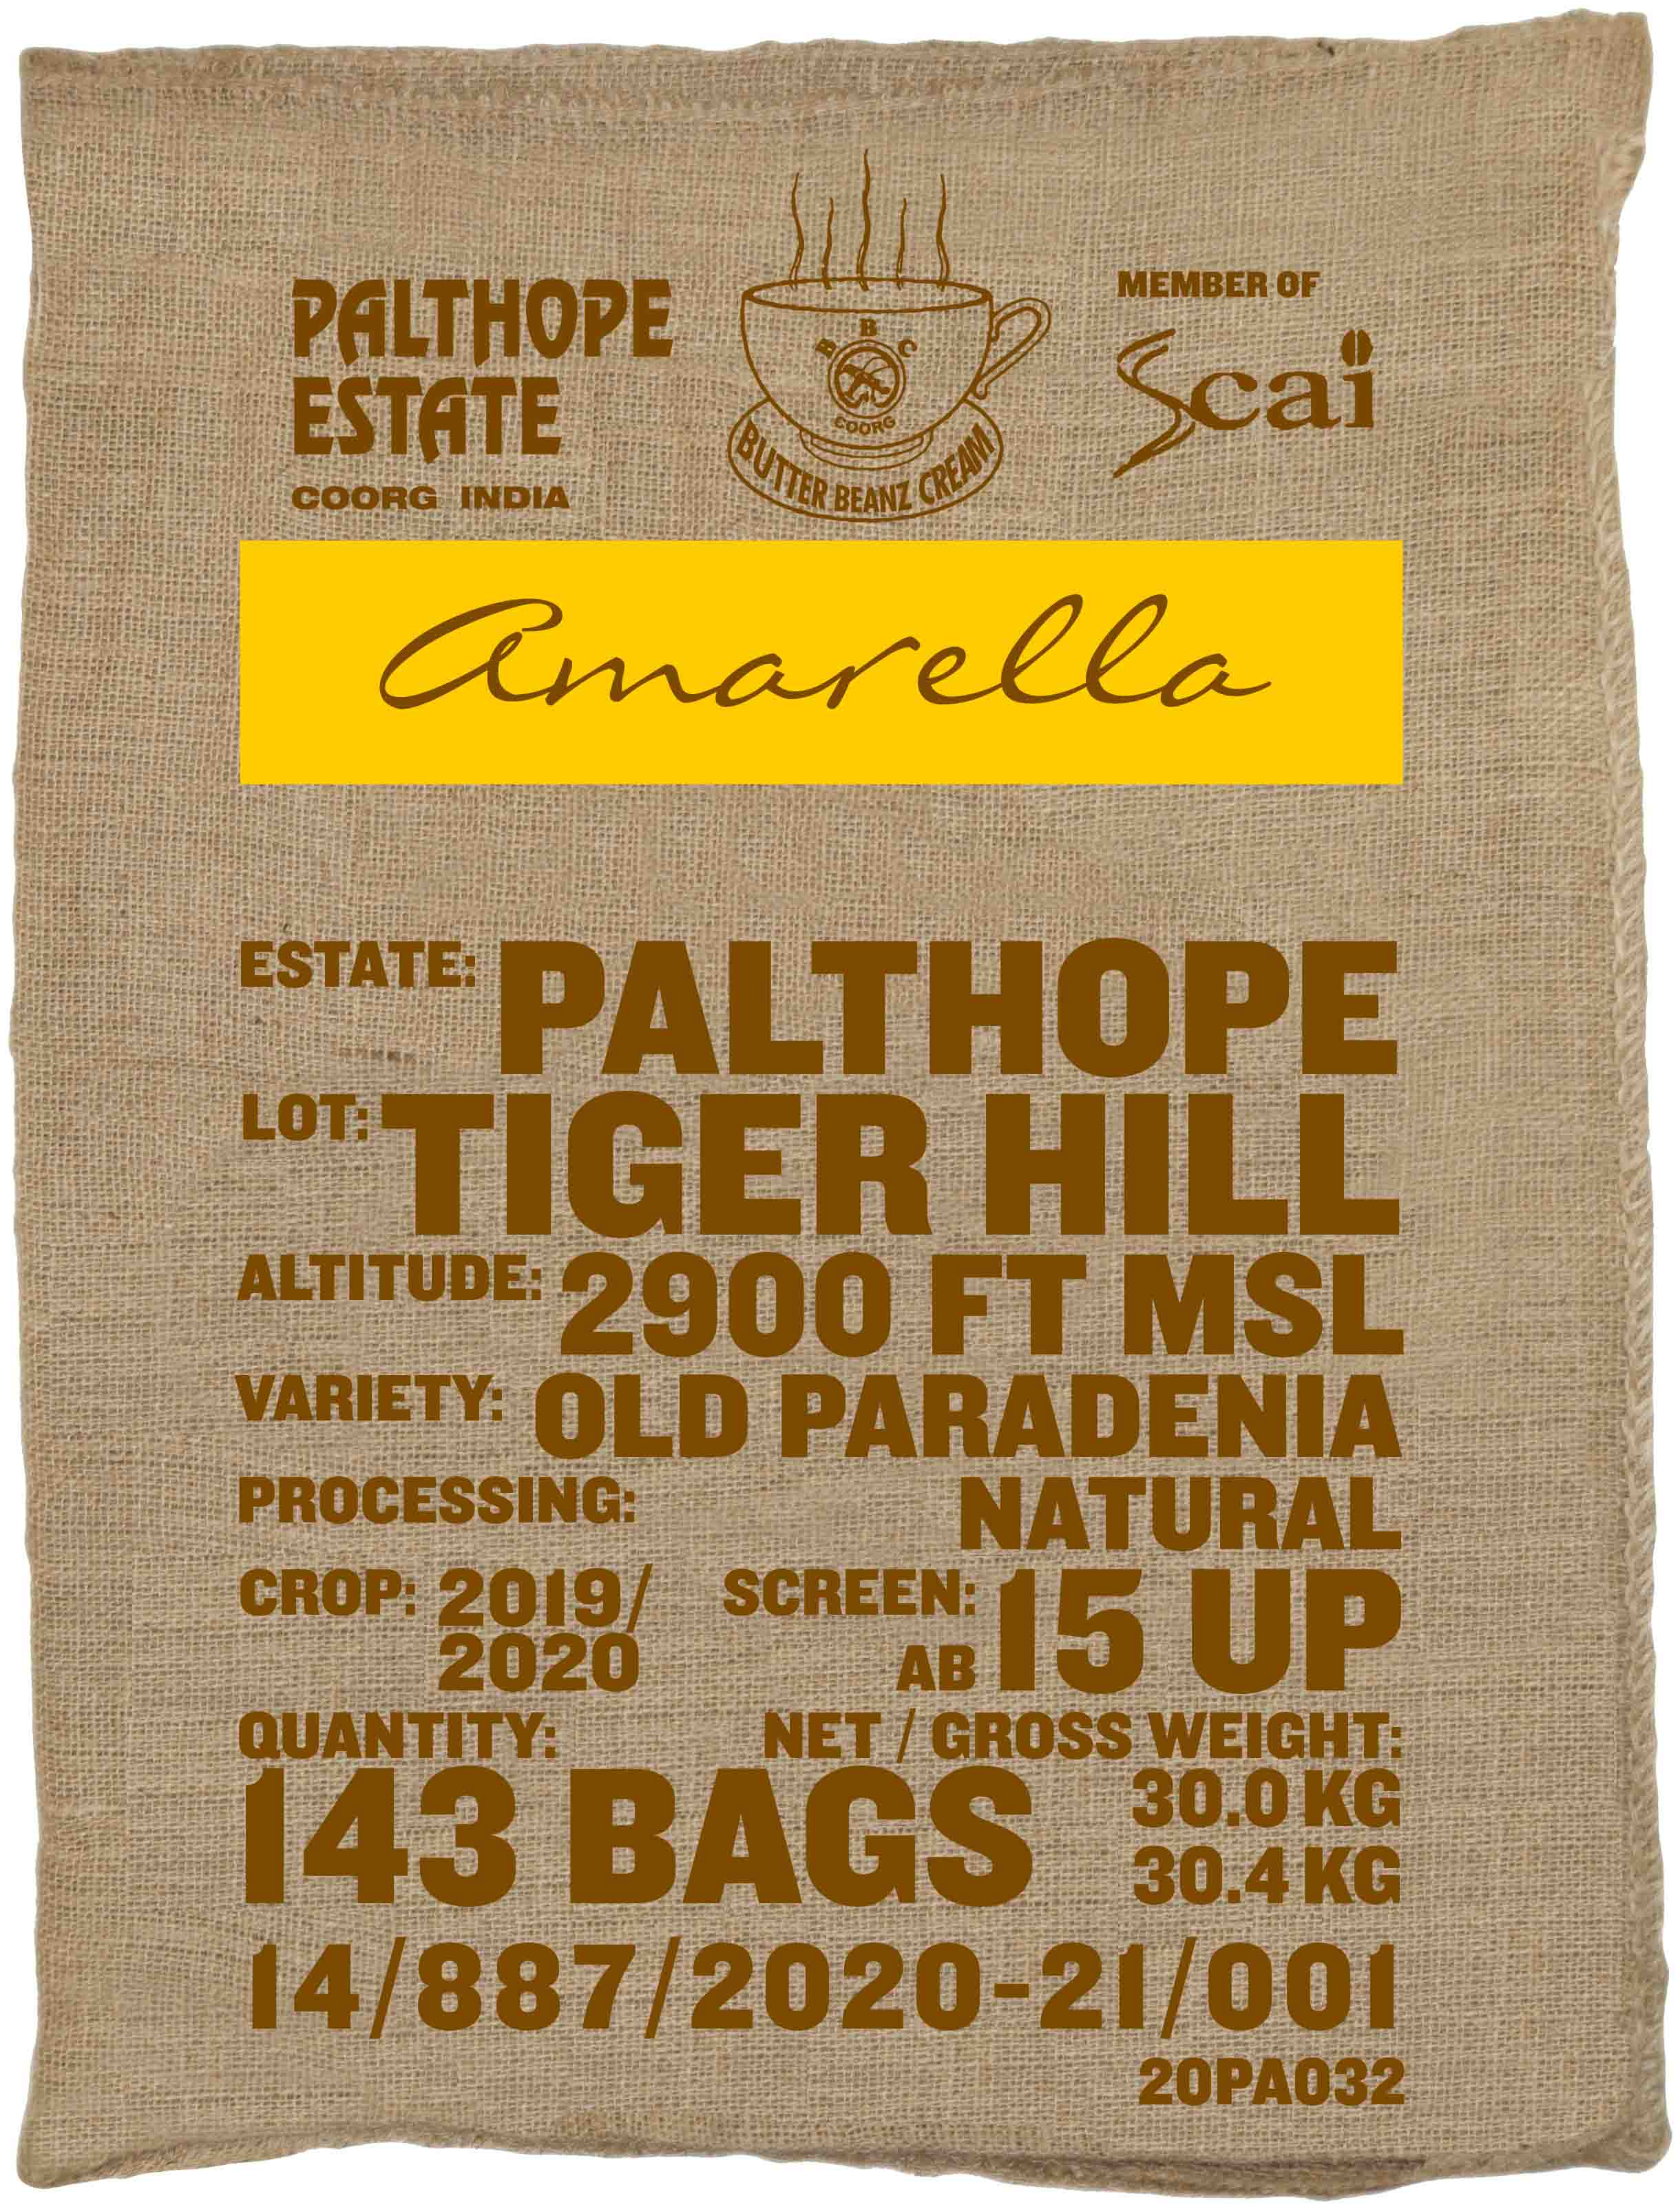 Ein Sack amarella Parzellenkaffee Varietät Old Paradenia. Palthope Estate Lot Tiger Hill.